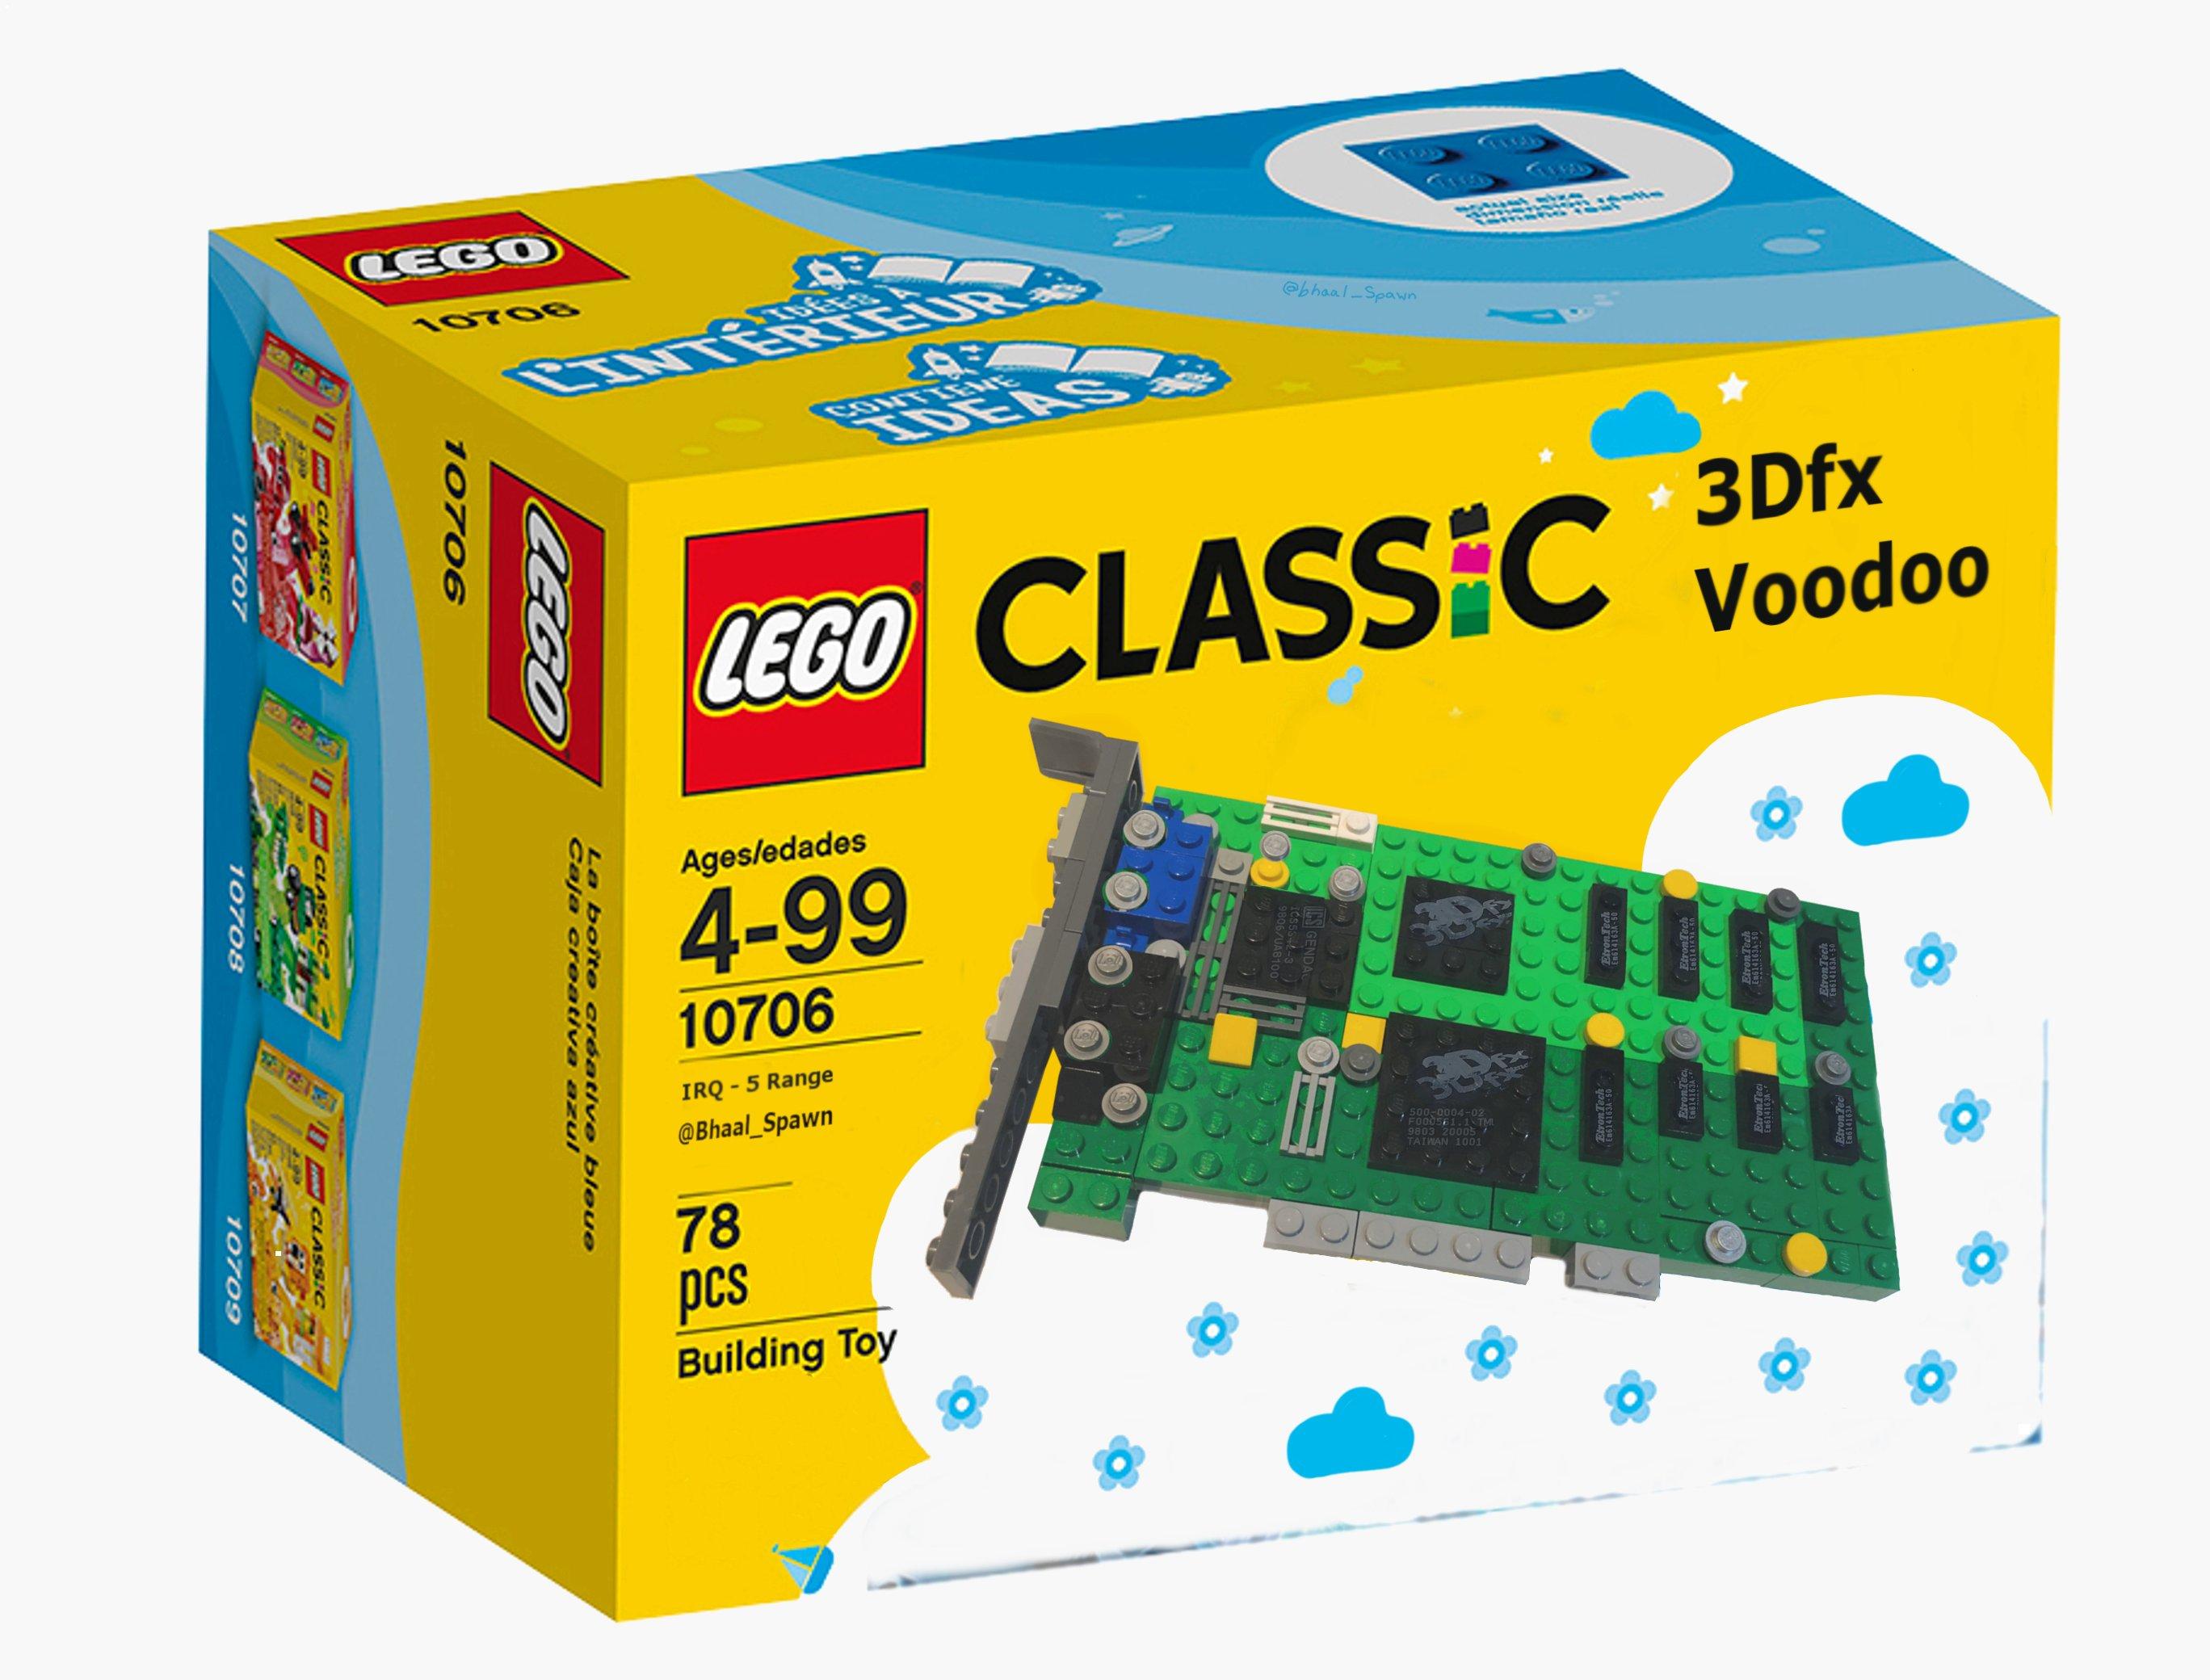 LEGO Ideas 3Dfx